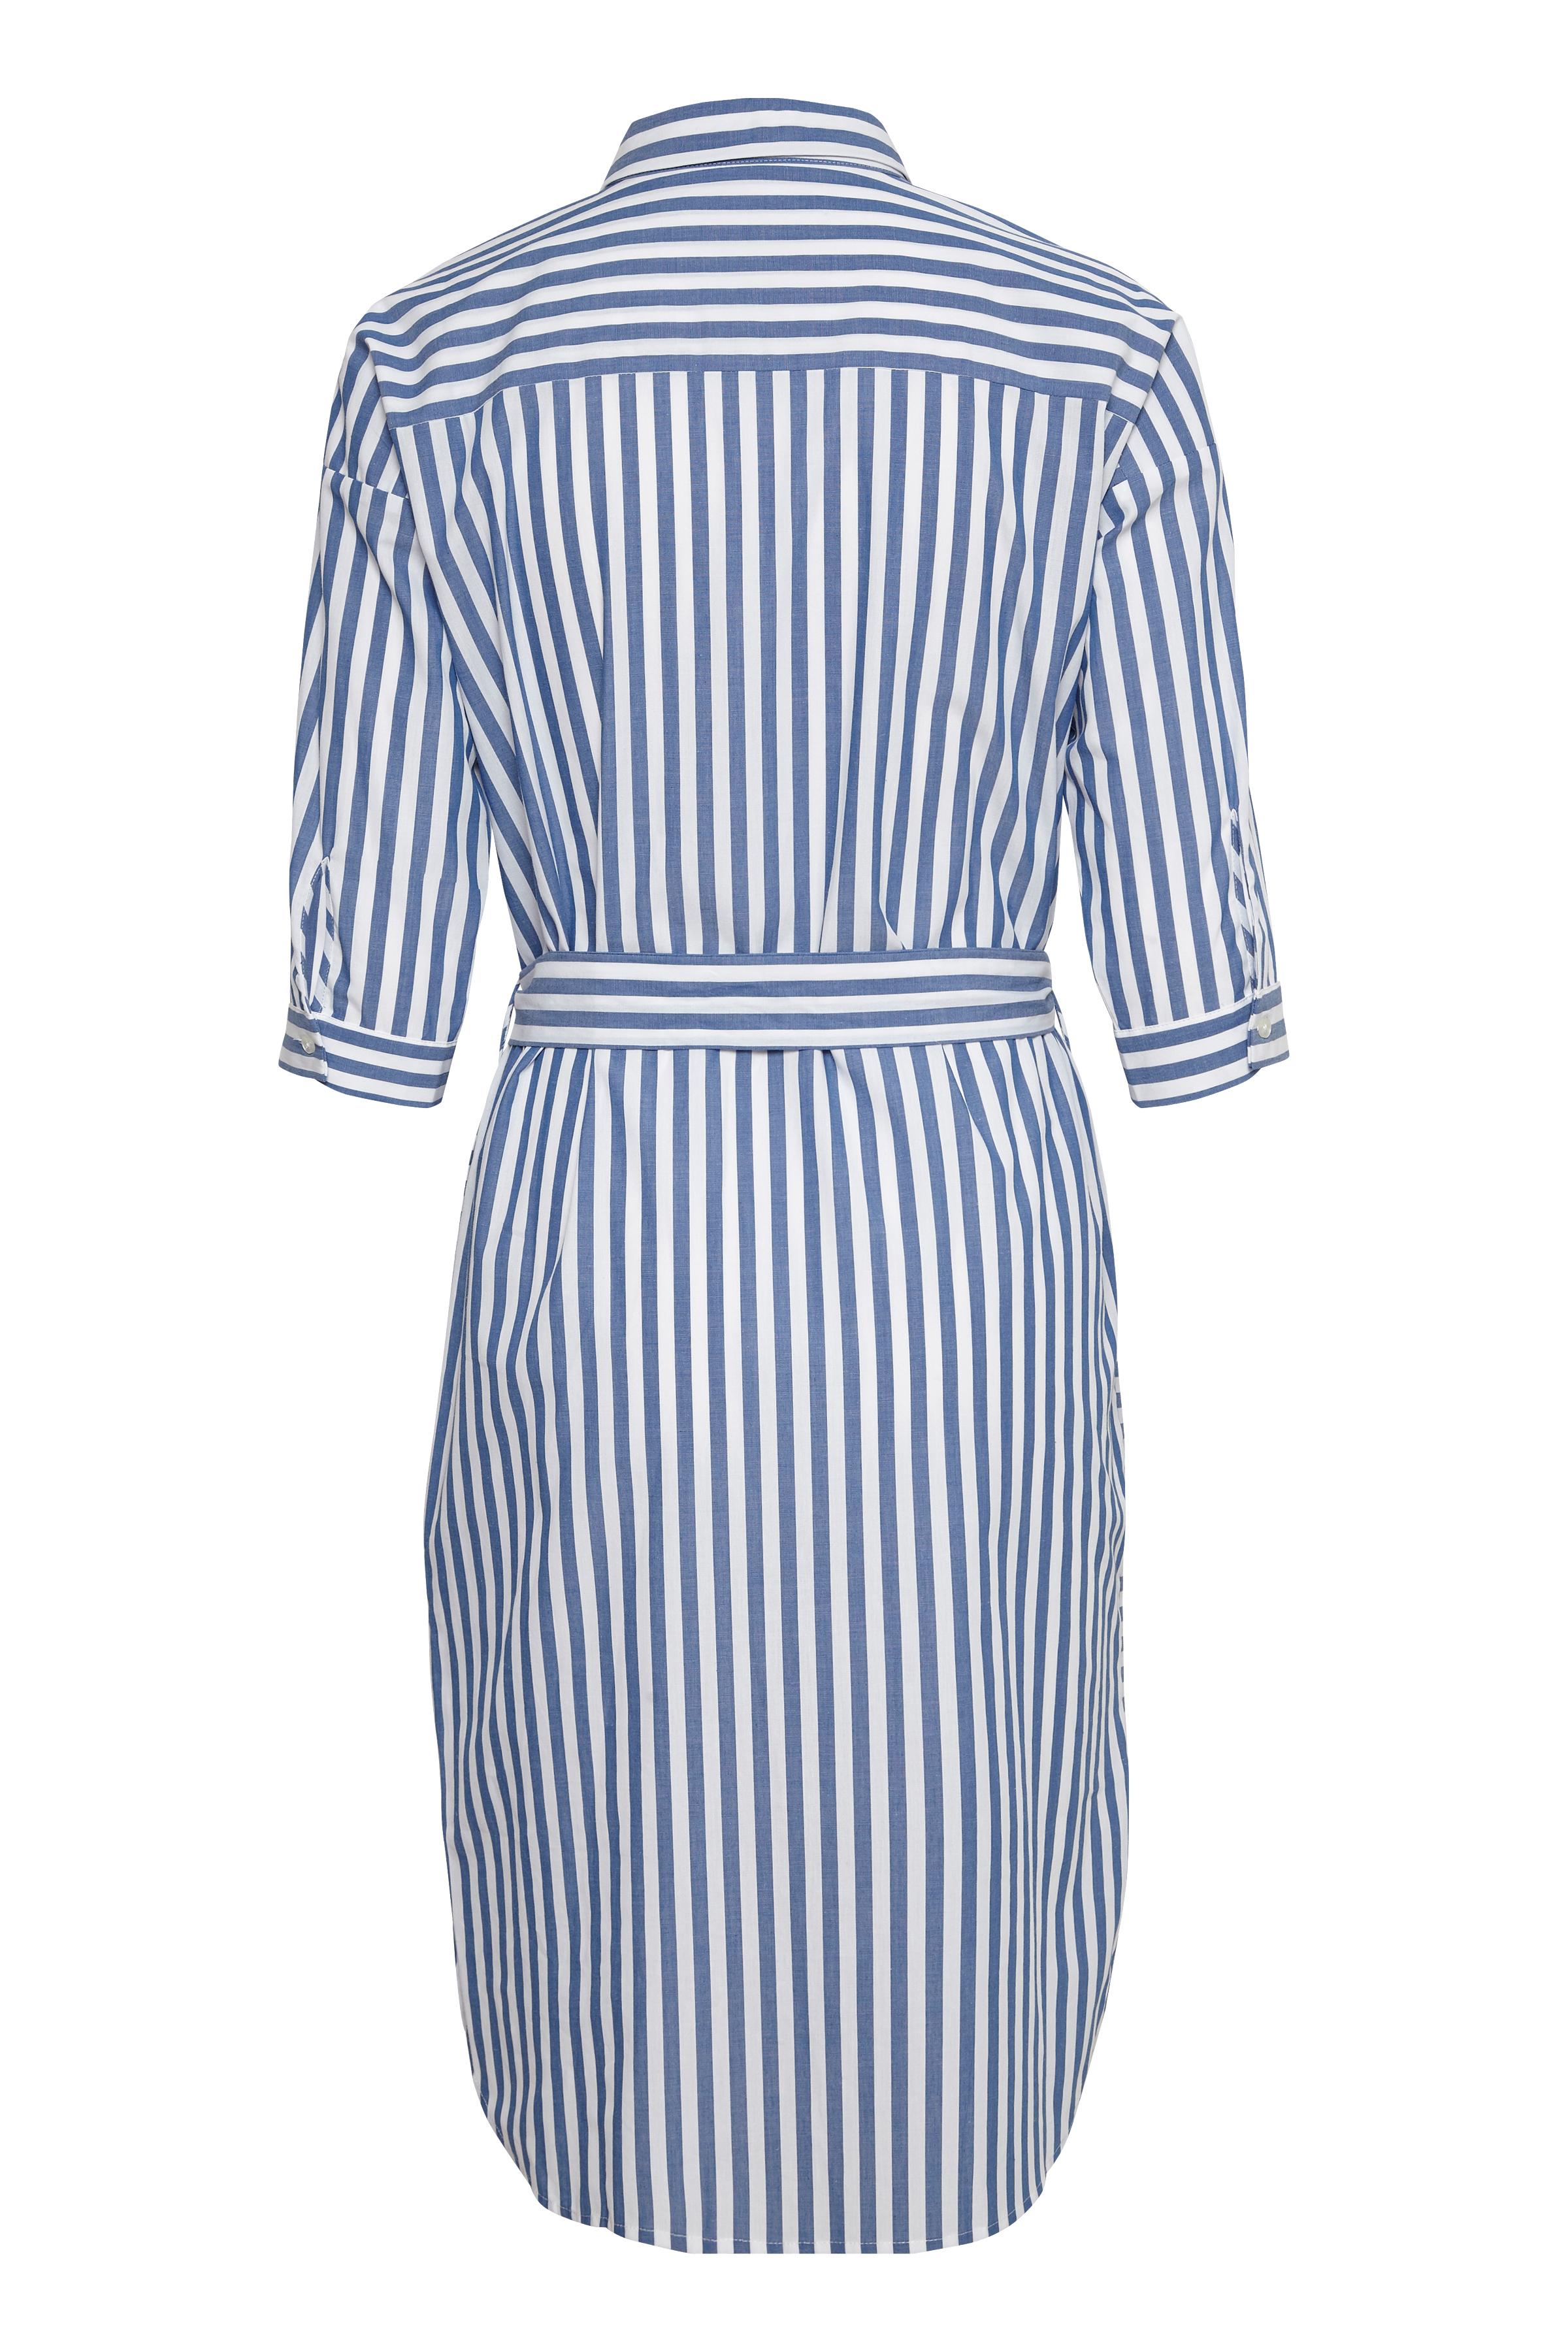 Orient blue / Cameo Rose Langærmet skjorte – Køb Orient blue / Cameo Rose Langærmet skjorte fra str. 32-44 her